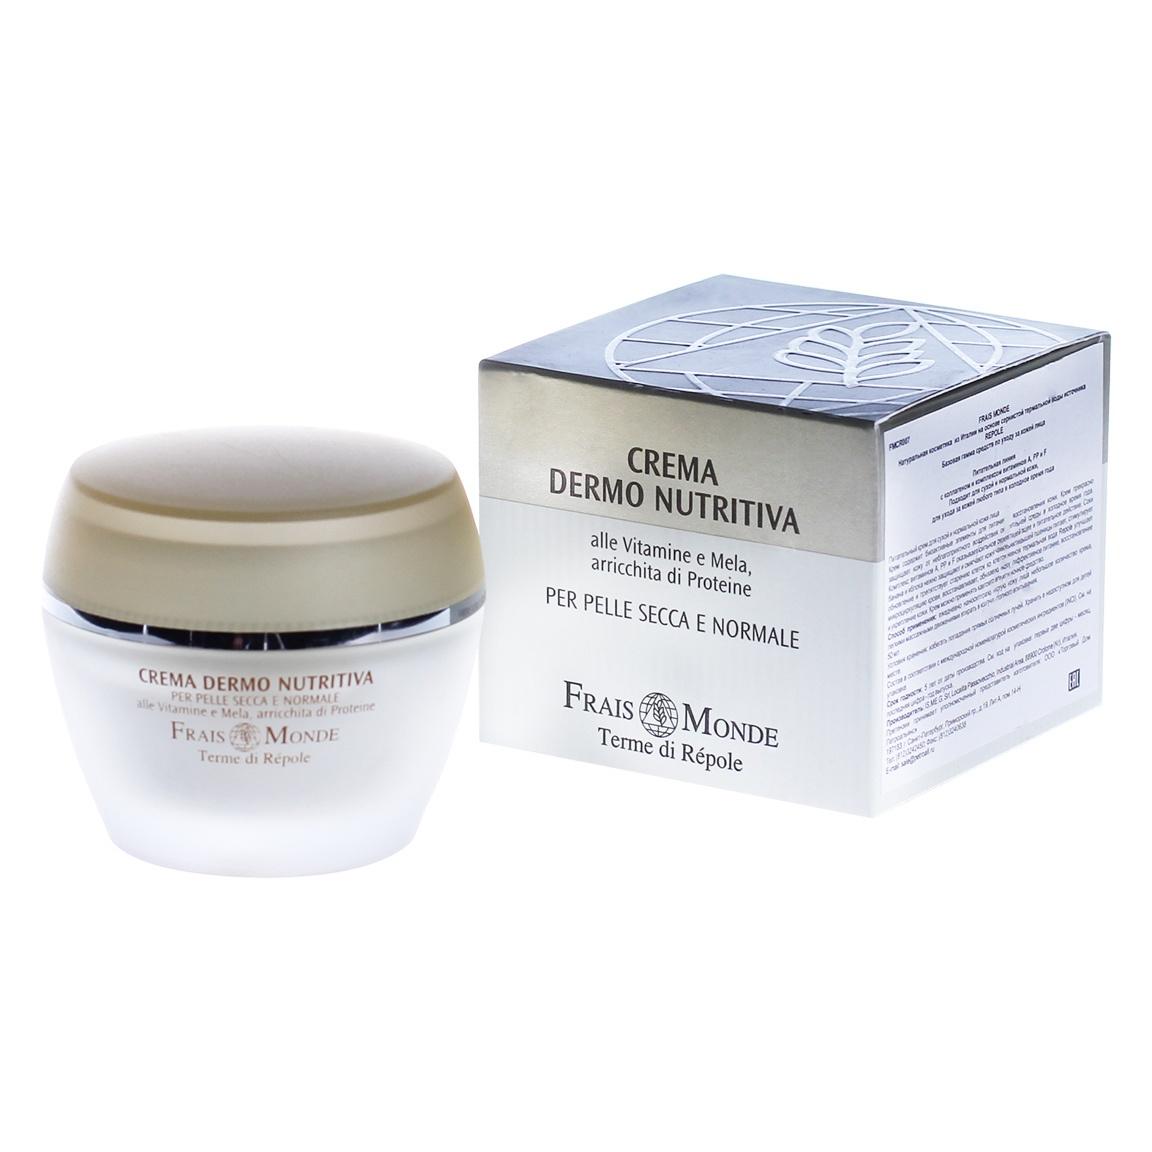 Frais MondeПитательный крем для сухой и нормальной  кожи лица косметологами рекомендован для использования в холодное время года 50 мл